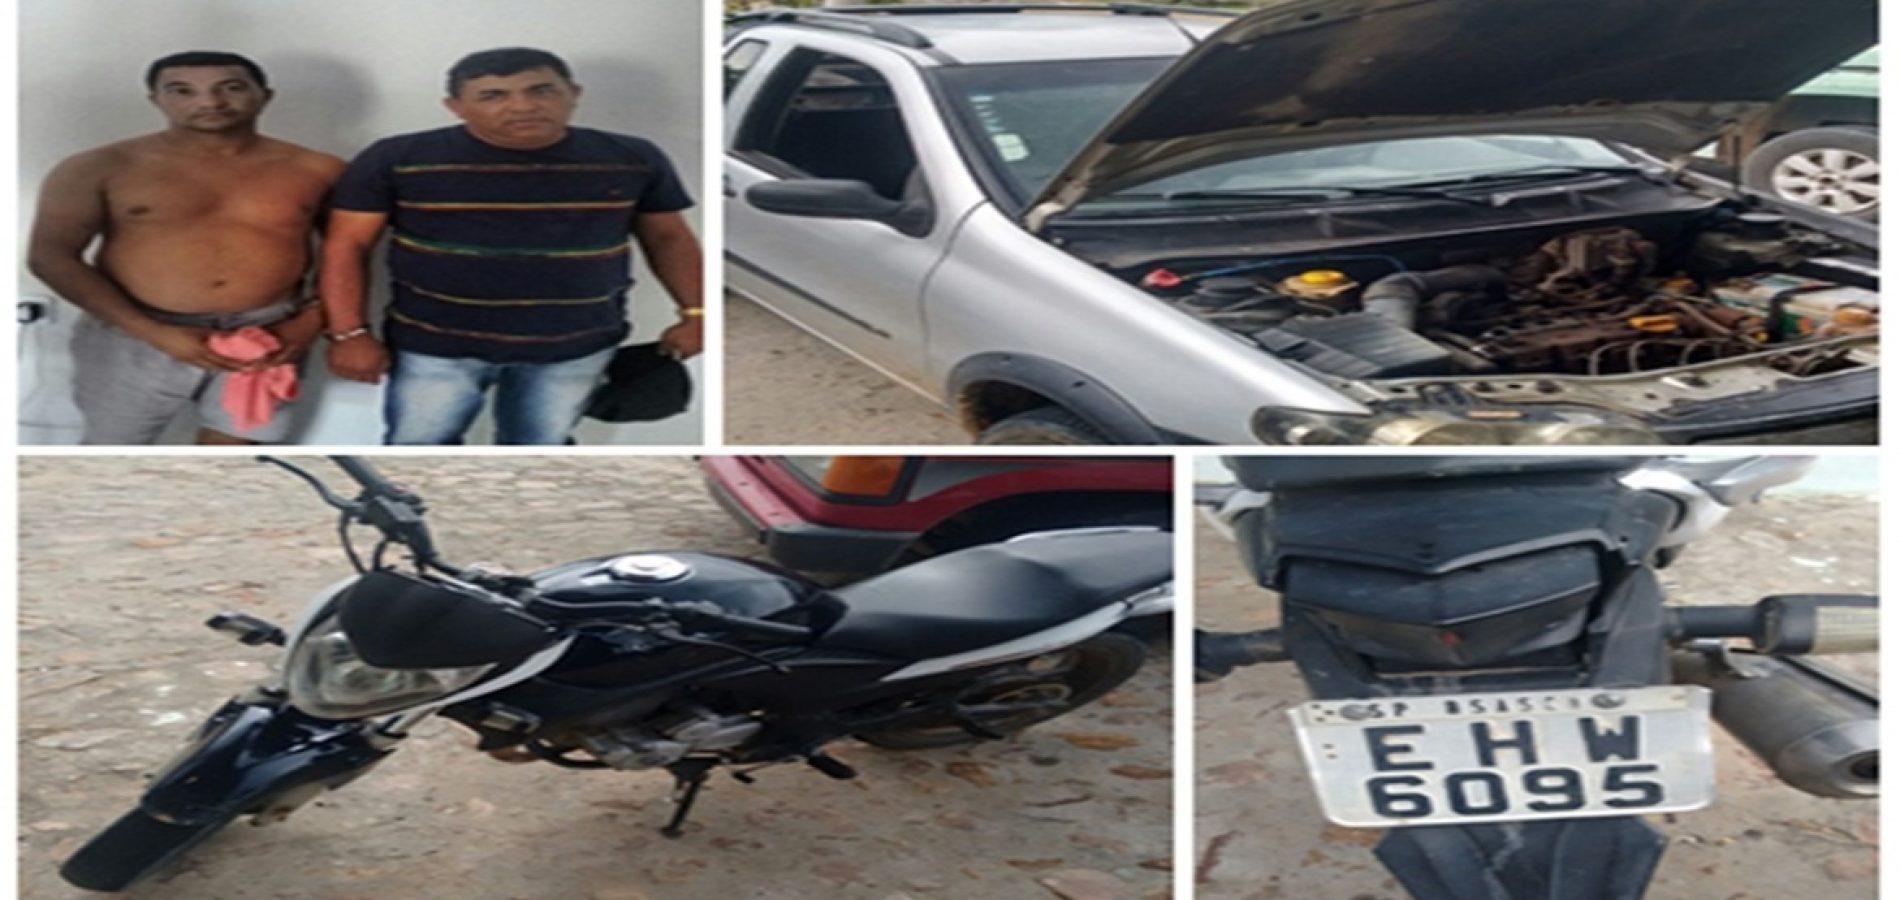 Polícia recupera produtos roubados e prende acusados de arrombar residências no interior de São Julião